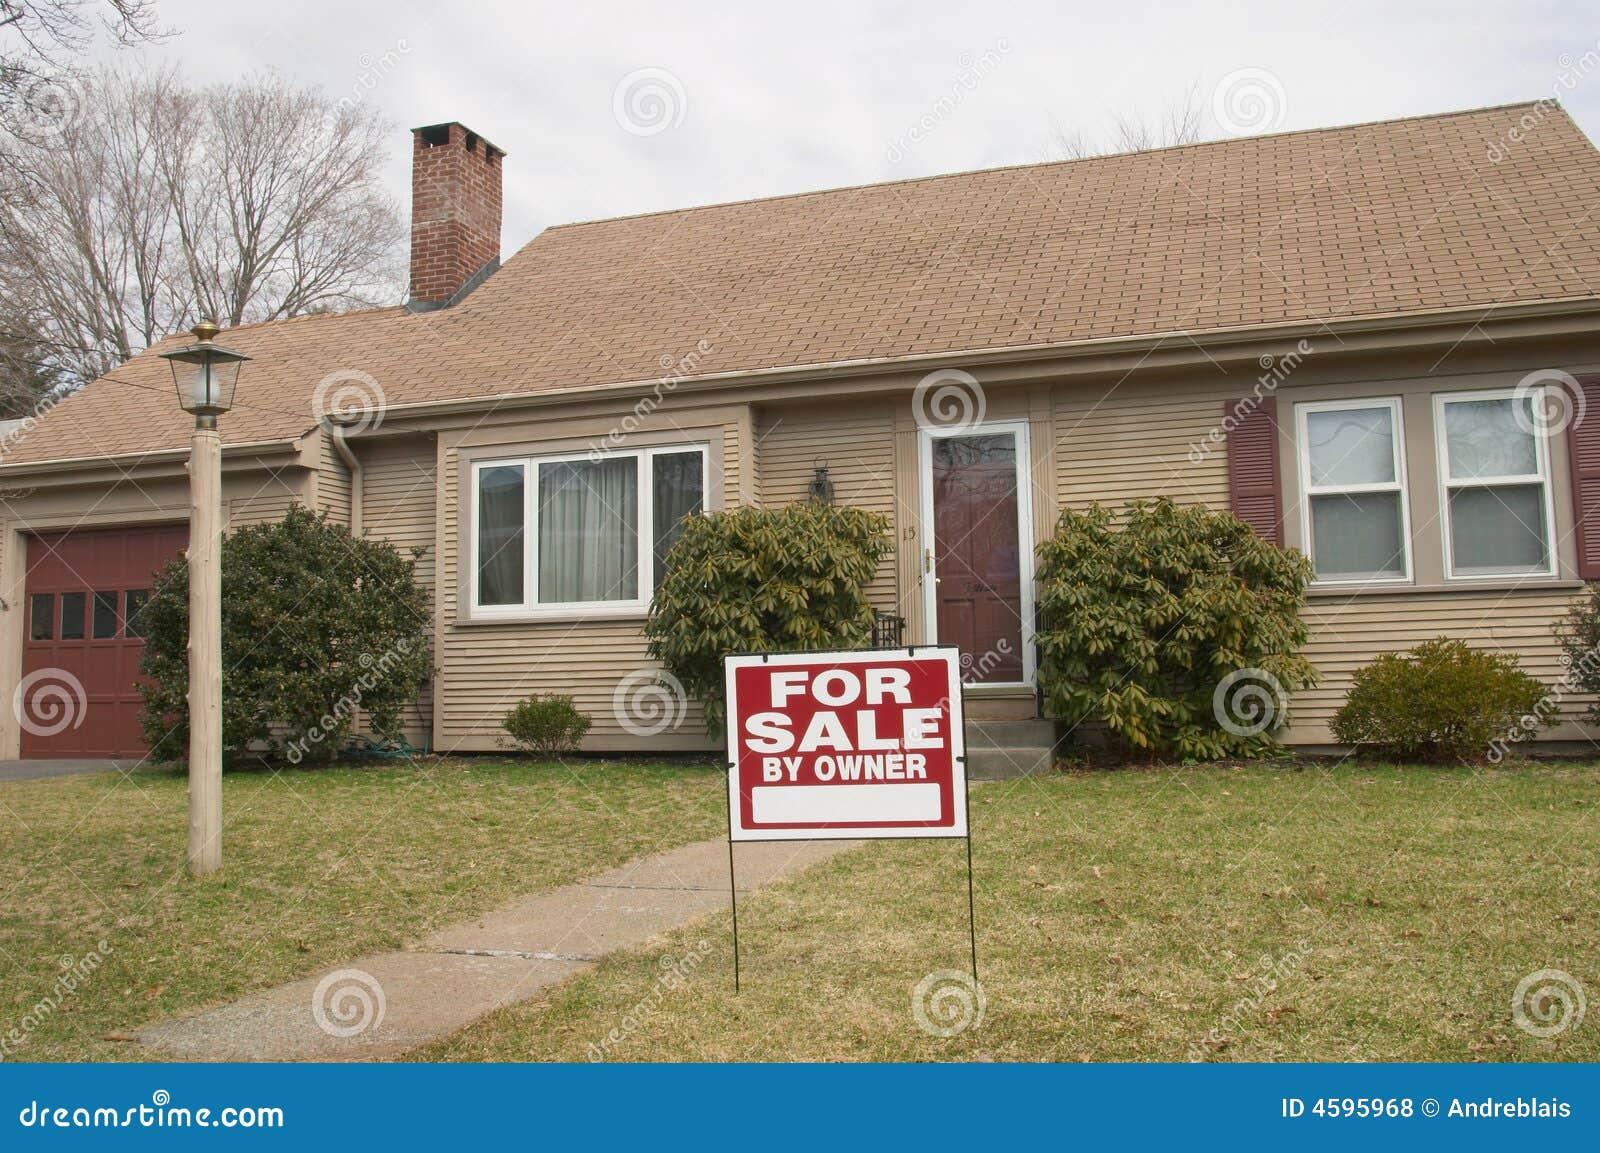 Huis voor verkoop door eigenaar stock foto afbeelding for Huis aantrekkelijk maken voor verkoop